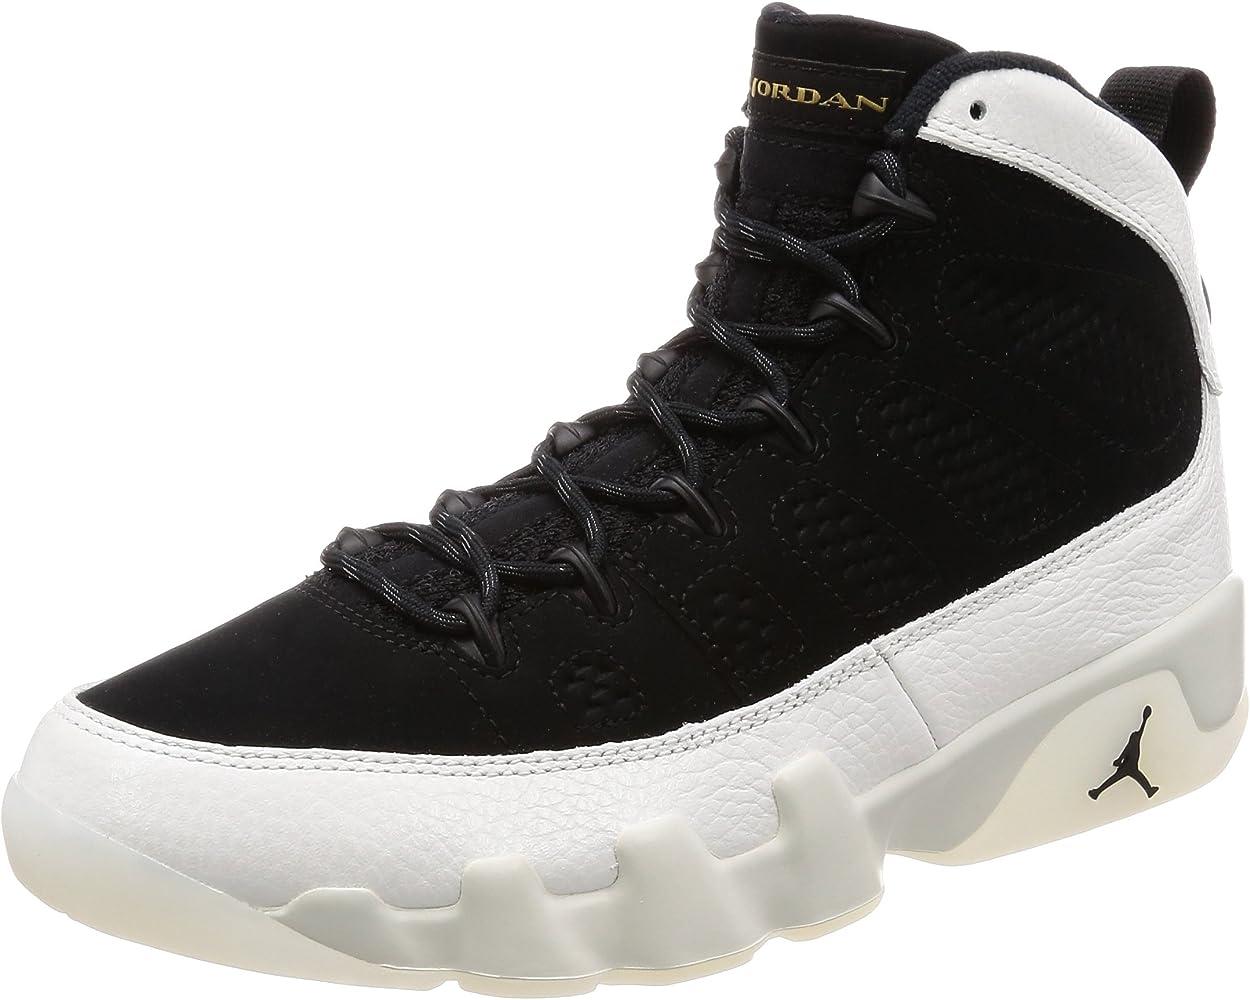 Buy Nike Men's Air Jordan 9 Retro Black